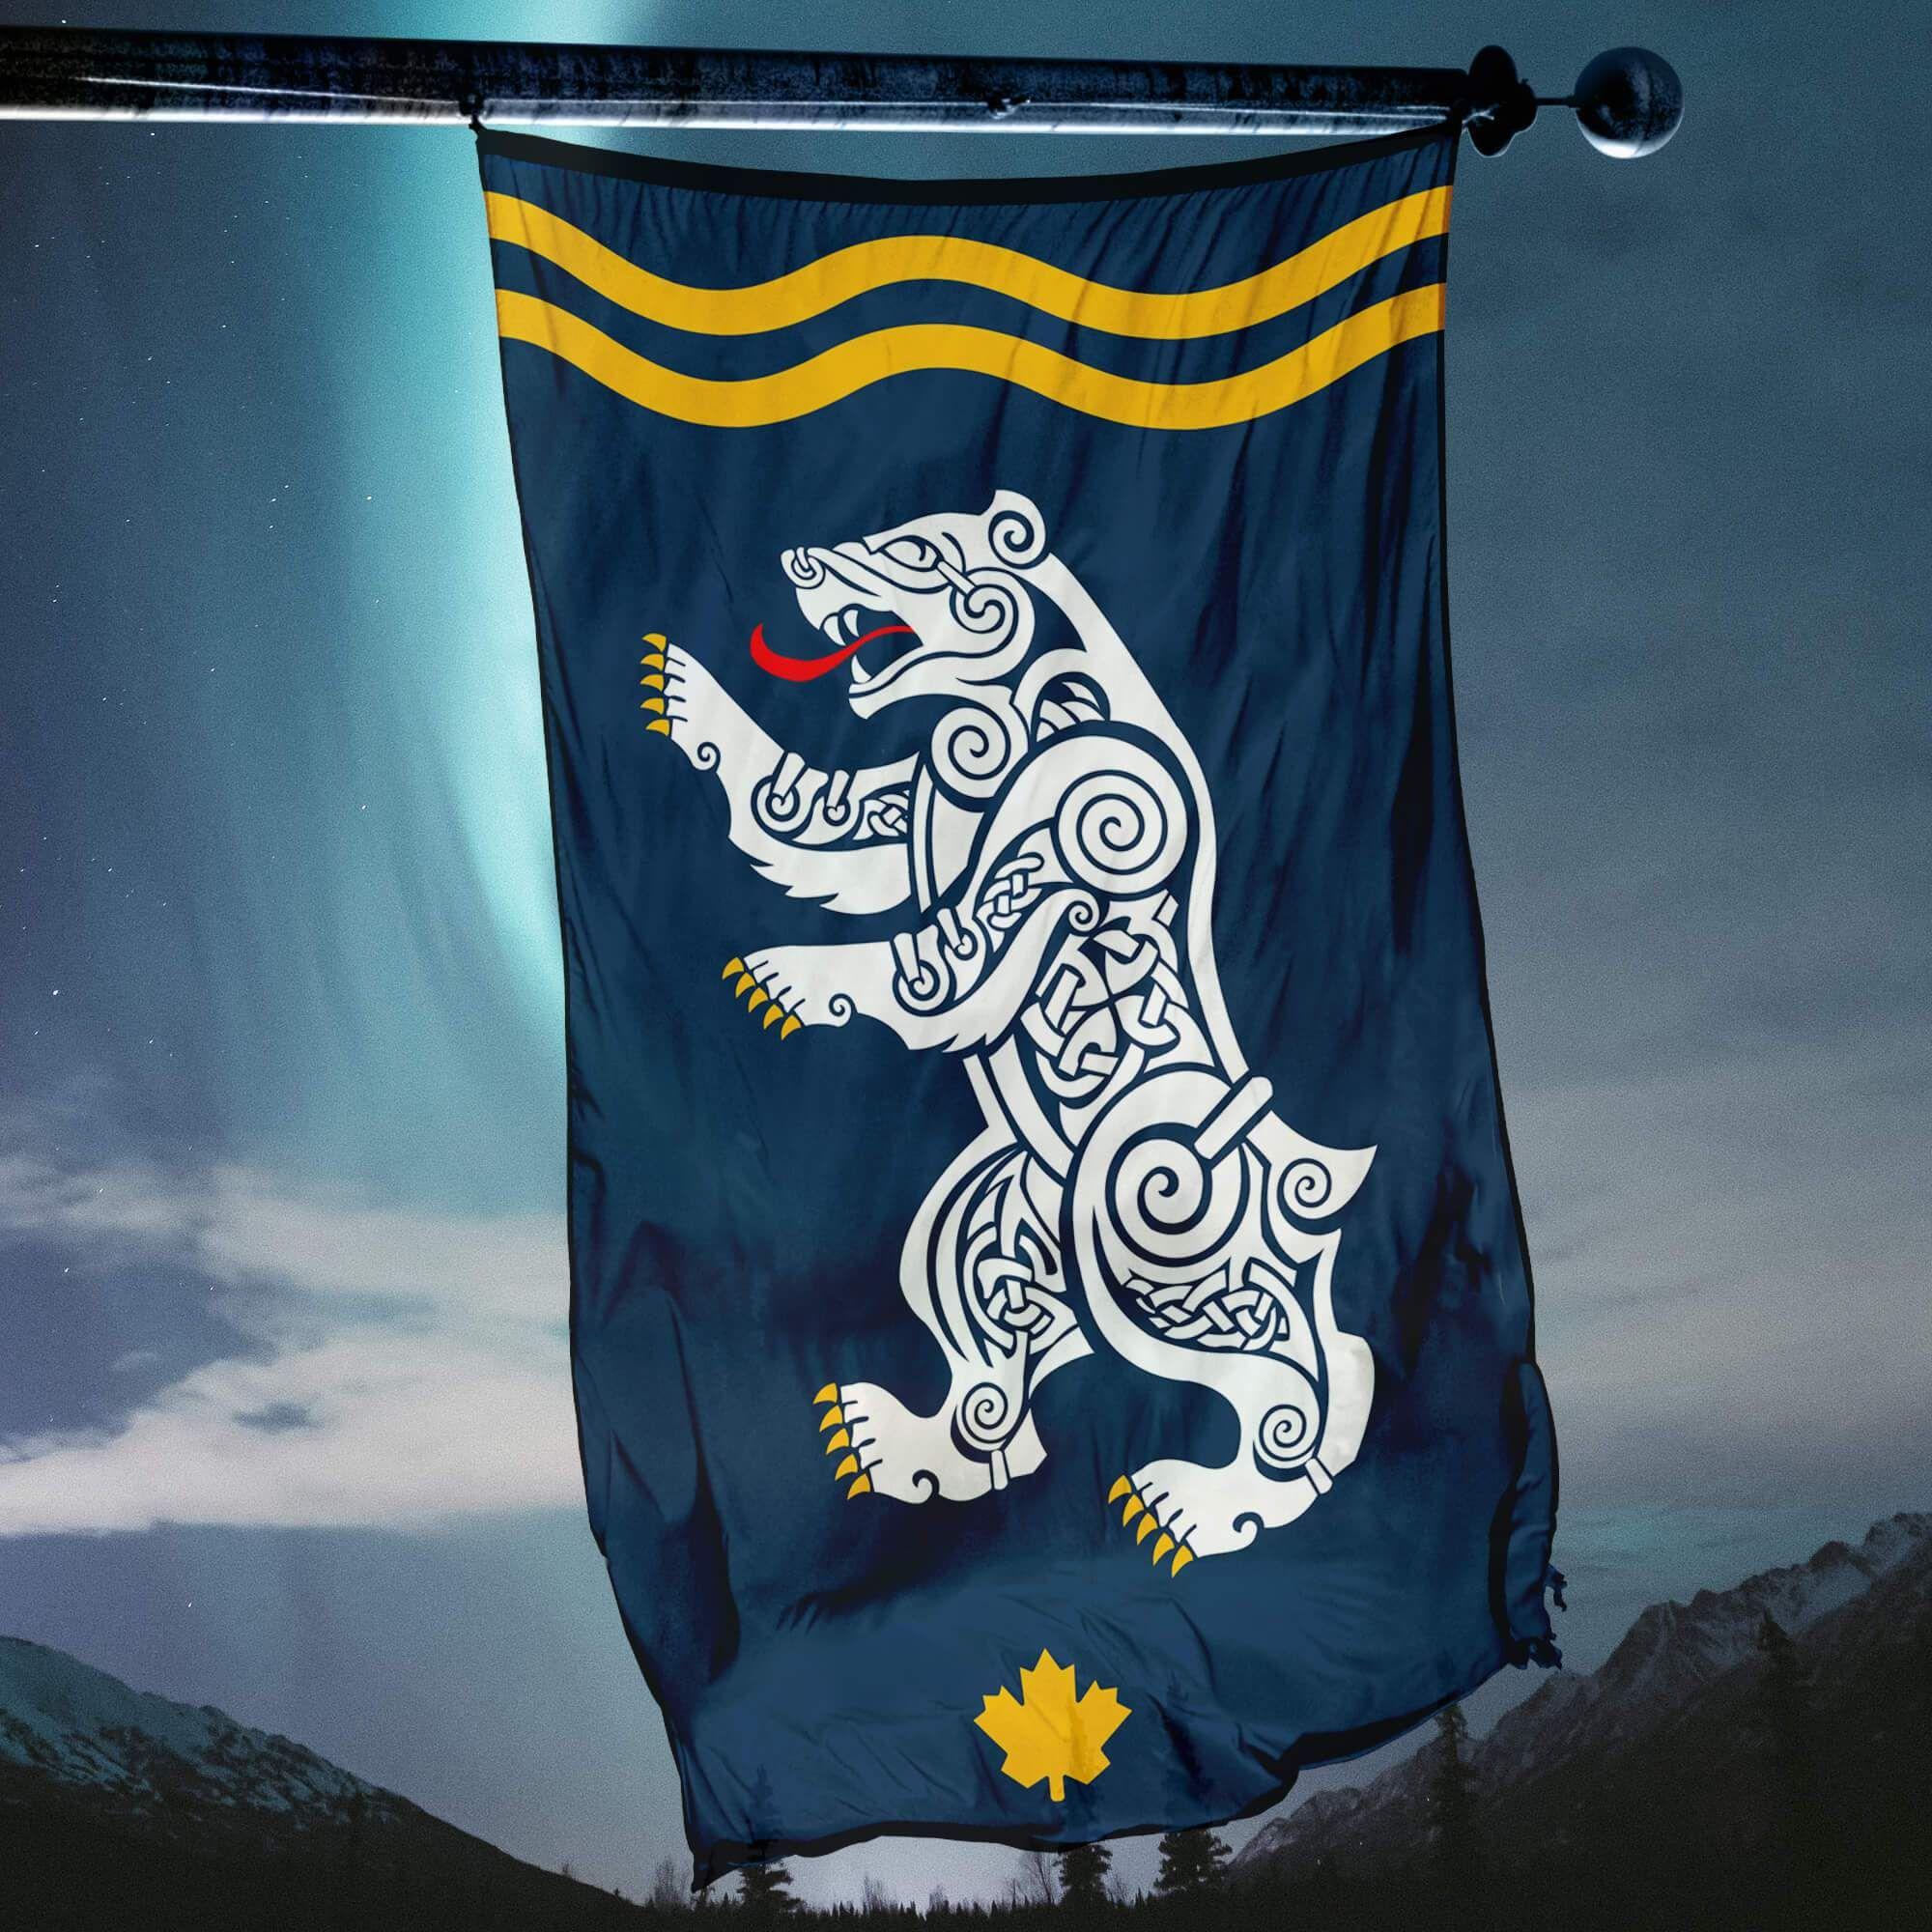 знамя викингов картинки честном слове ездит